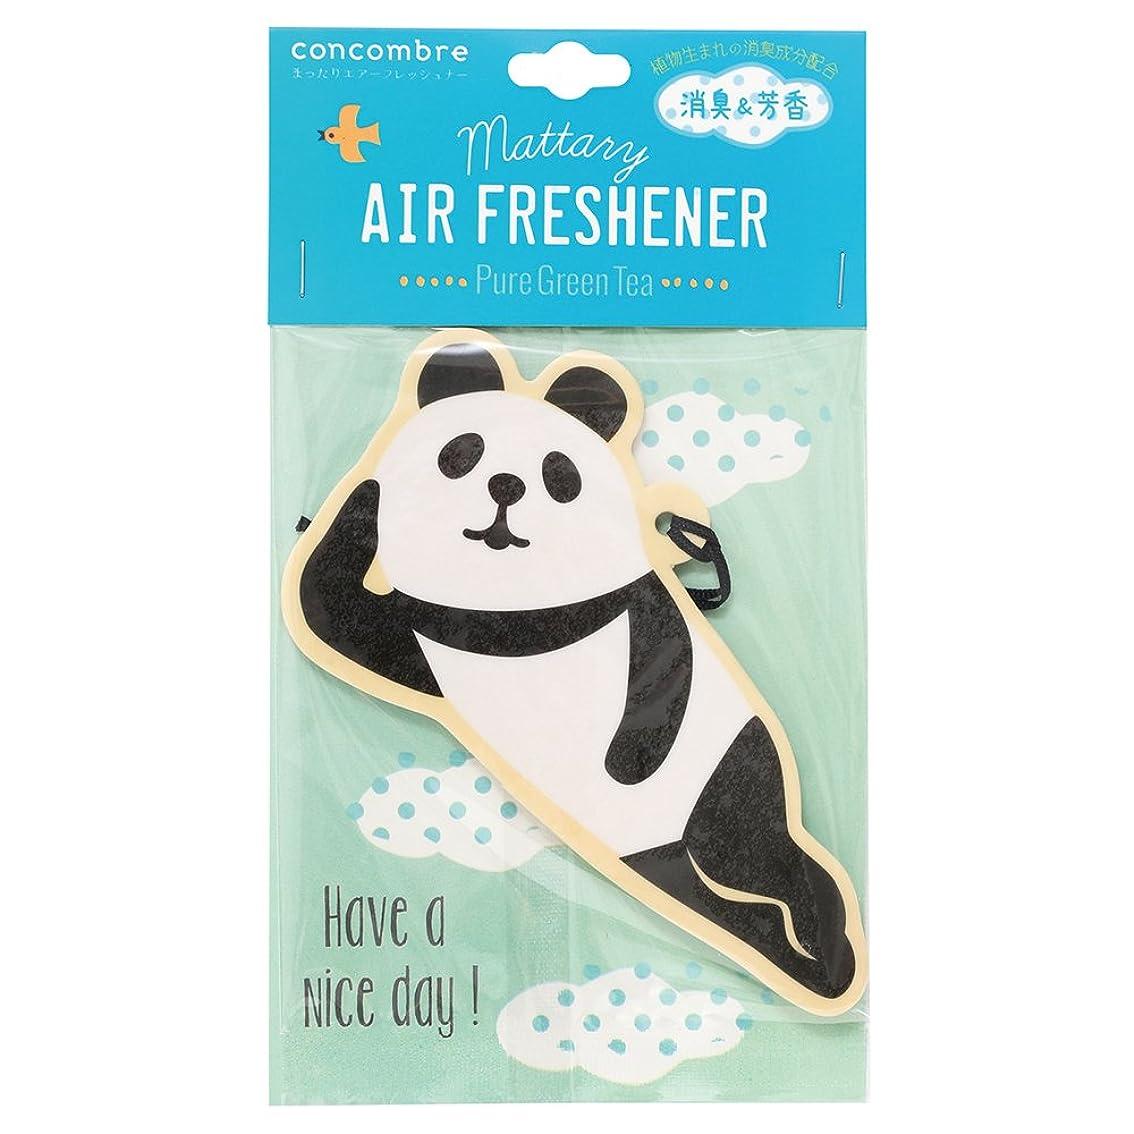 リズムピアニスト十代の若者たちconcombre 芳香剤 まったりエアーフレッシュナー 吊り下げ 消臭成分配合 グリーンティーの香り OA-DKA-5-4